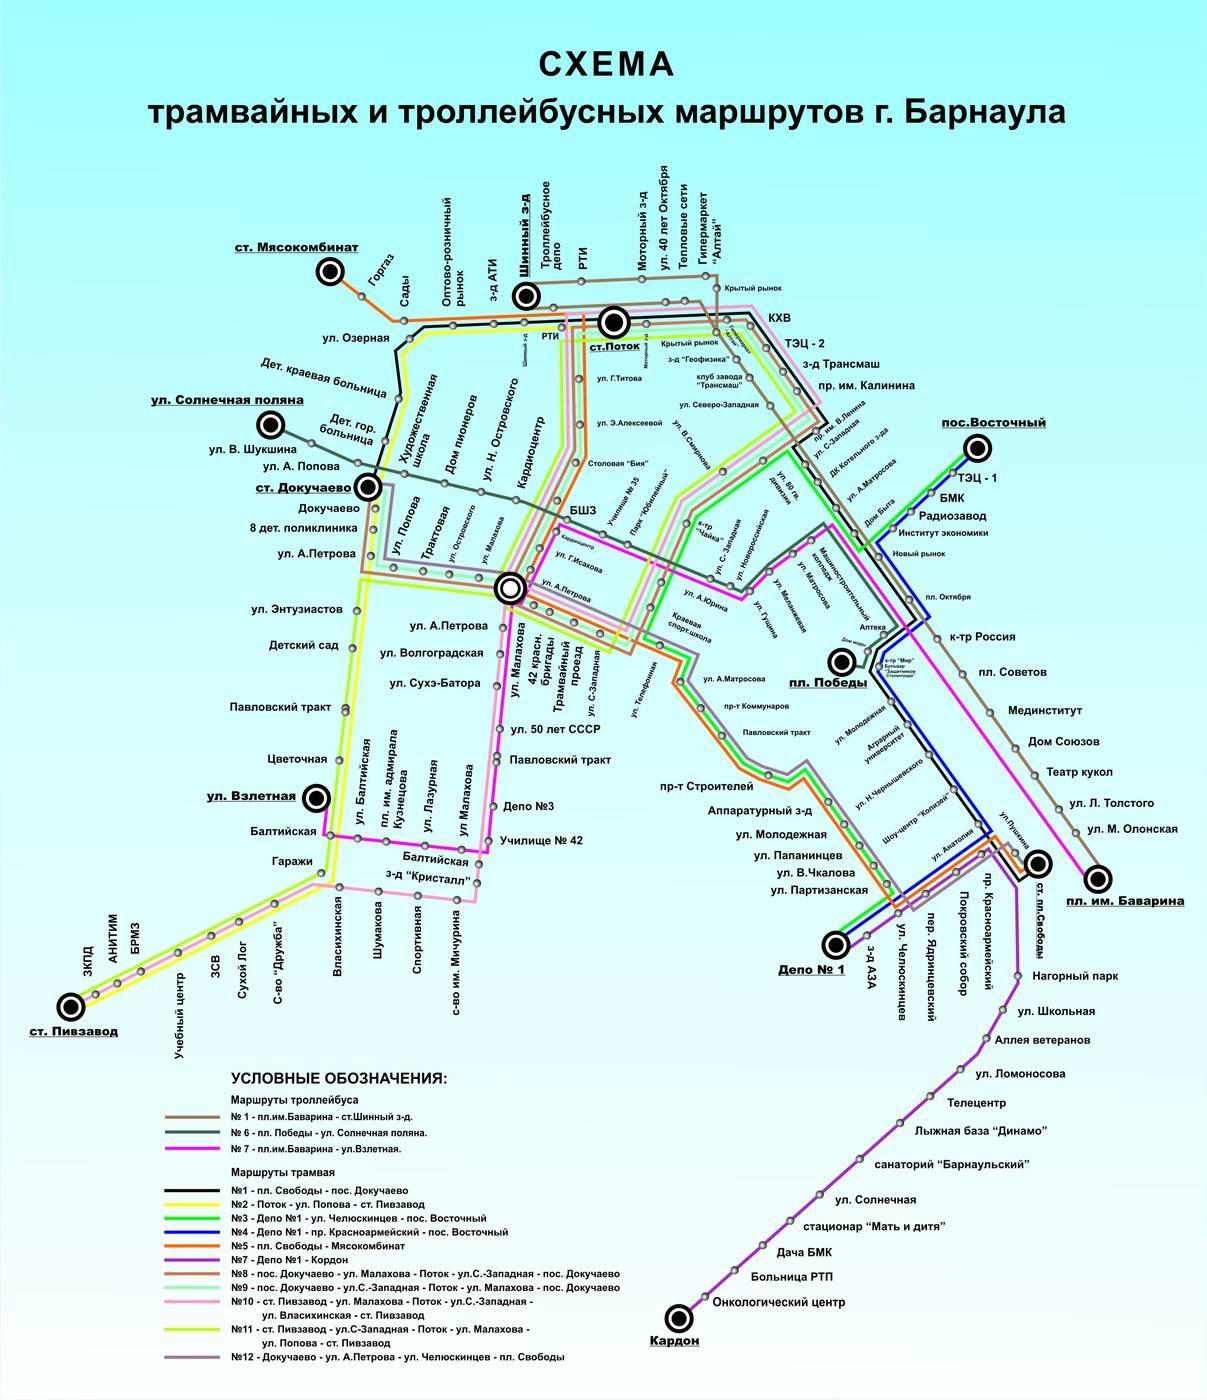 Схема проезда до краевой больницы барнаул